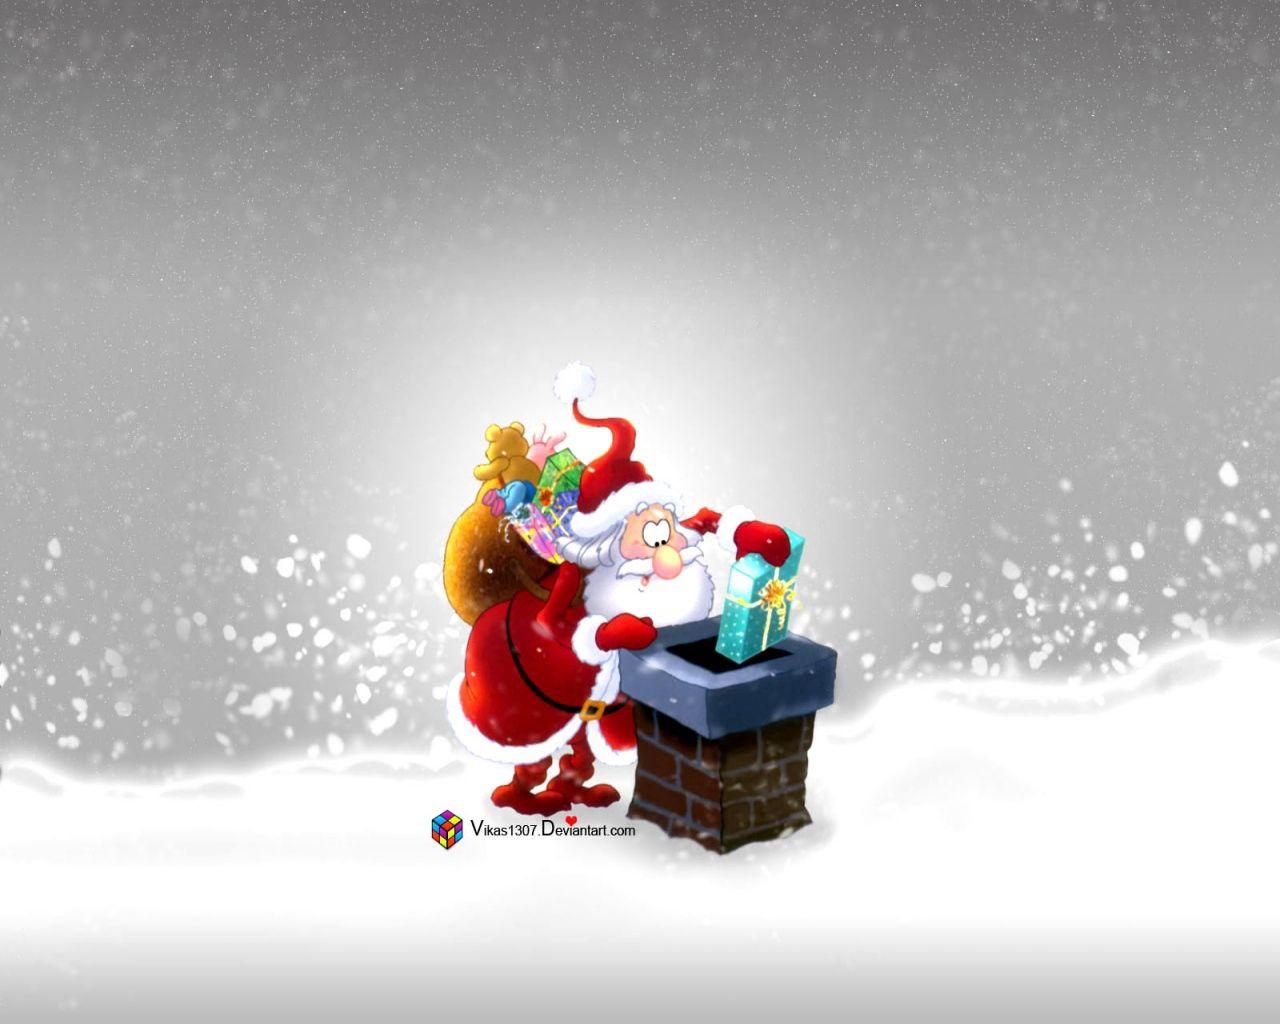 154214 Hintergrundbild herunterladen Weihnachten, Feiertage, Neujahr, Väterchen Frost, Neues Jahr, Vorhanden, Geschenk, Trompete, Rohr, Dach - Bildschirmschoner und Bilder kostenlos